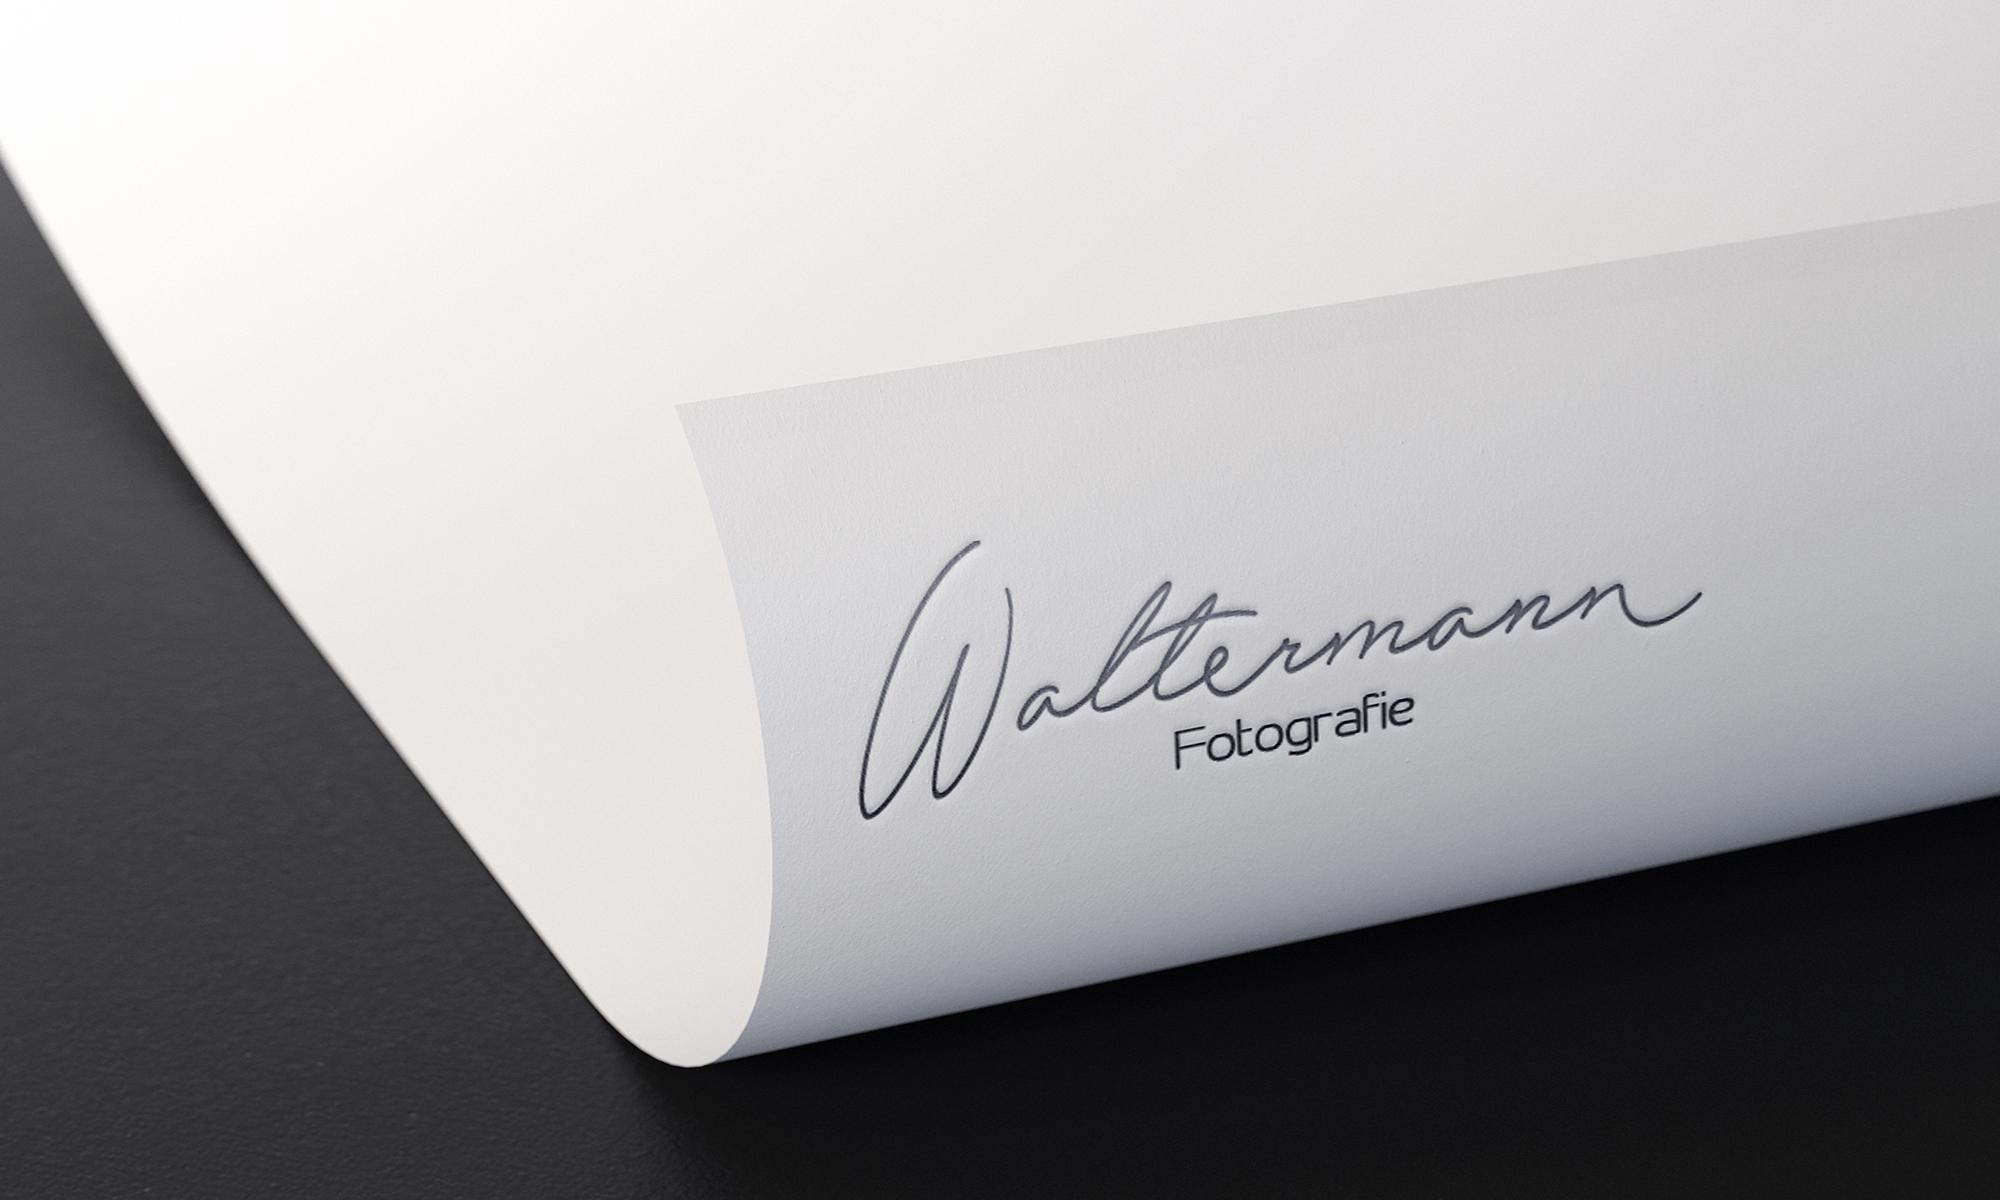 Waltermann-Fotografie